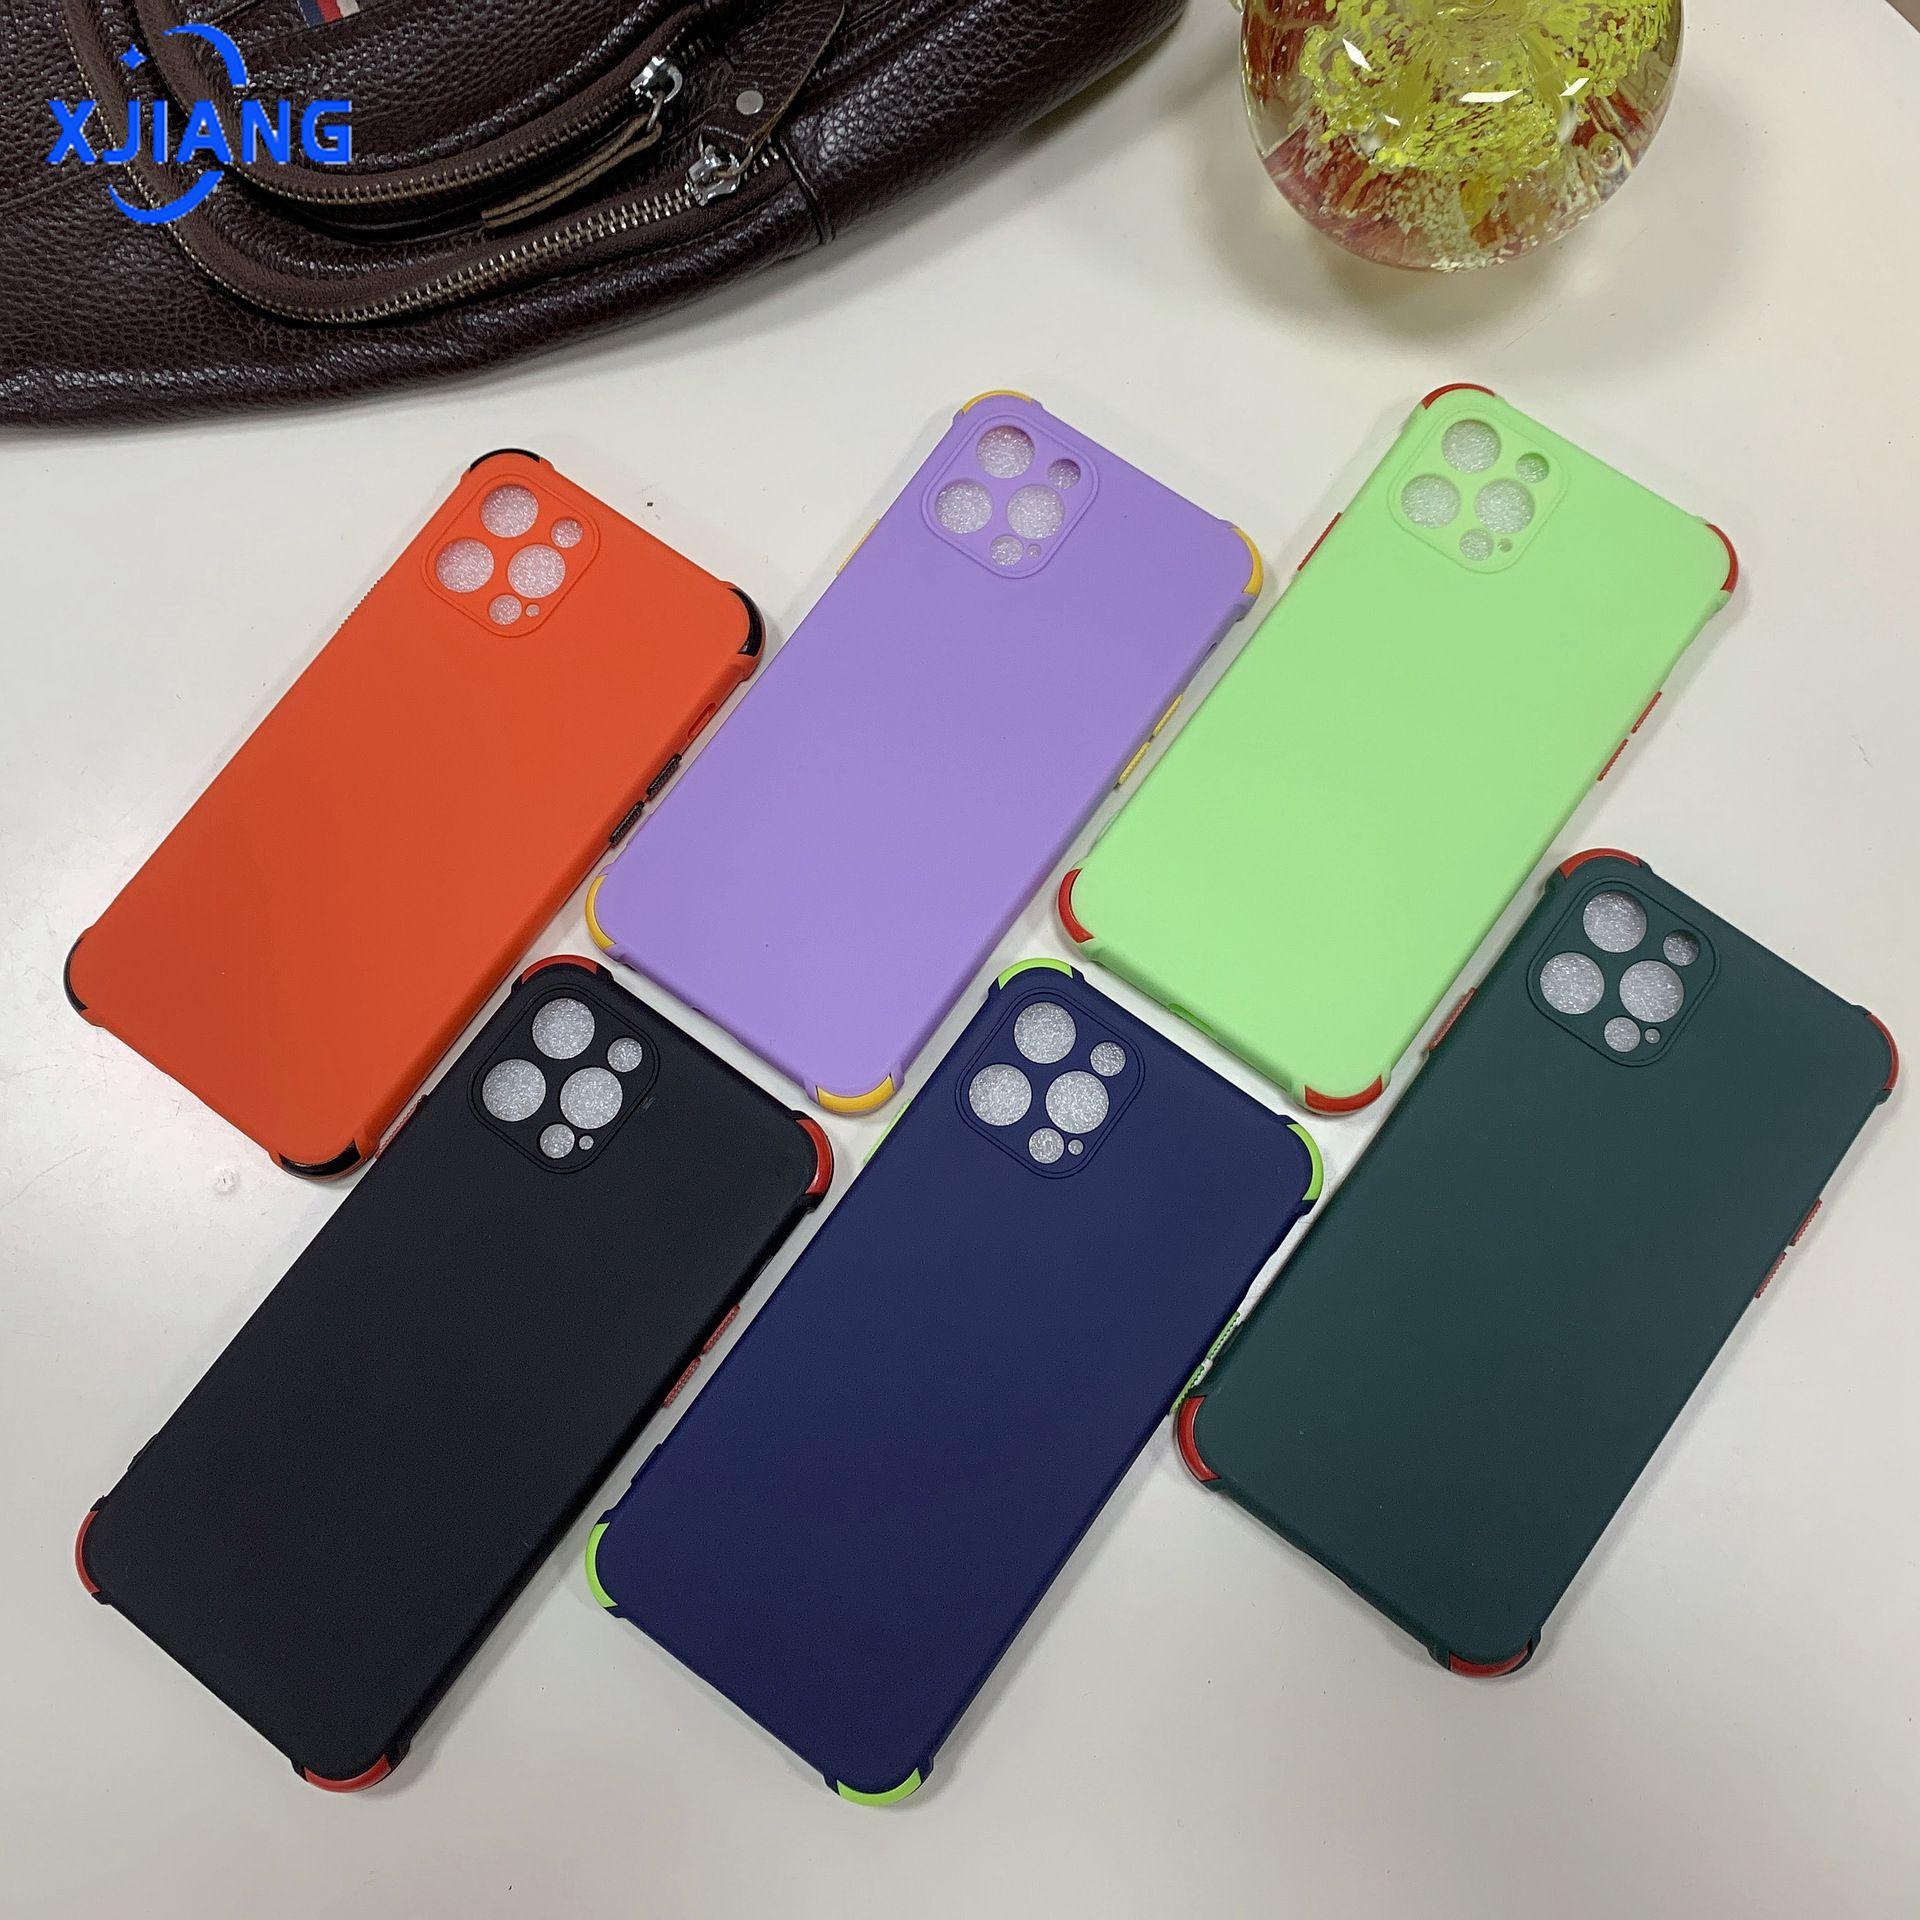 เคสโทรศัพท์มือถือป้องกันการตกหล่นสีลูกกวาด Tpu soft case เหมาะสำหรับ Tecno Spark 6 go Spark 4 Lite